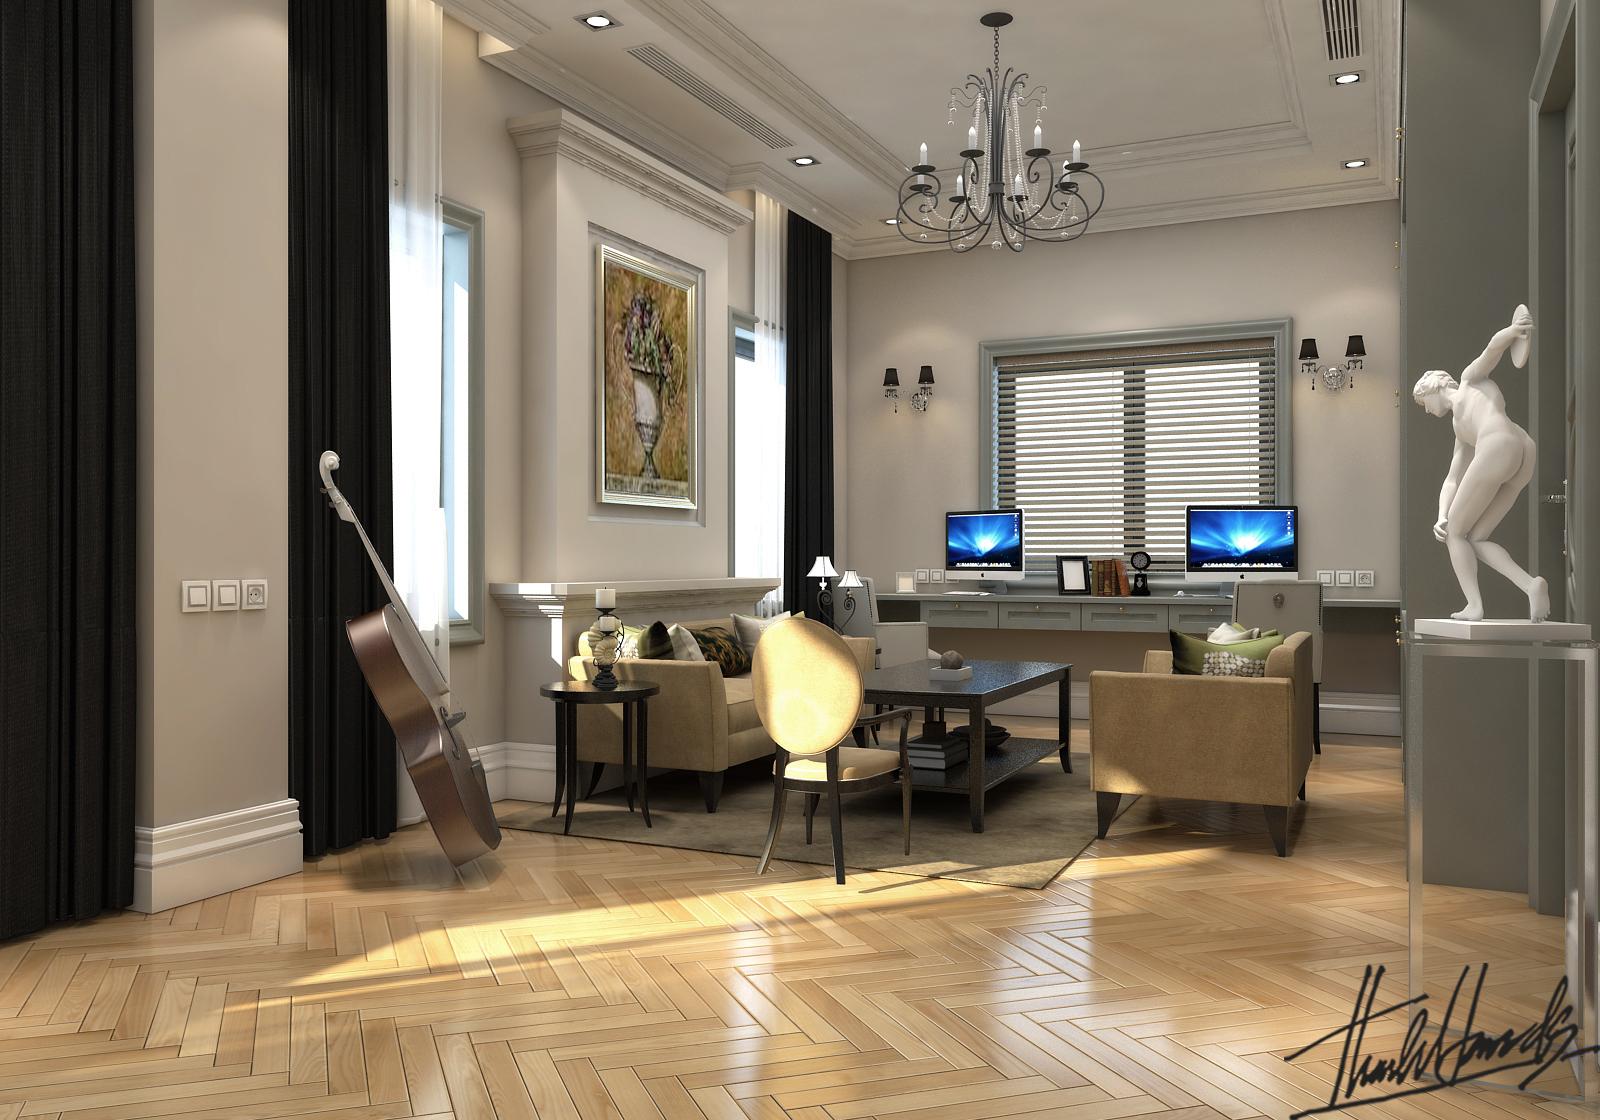 thiết kế nội thất Biệt Thự tại Hà Nội bt Vinhomes - riverside 37 1568274541